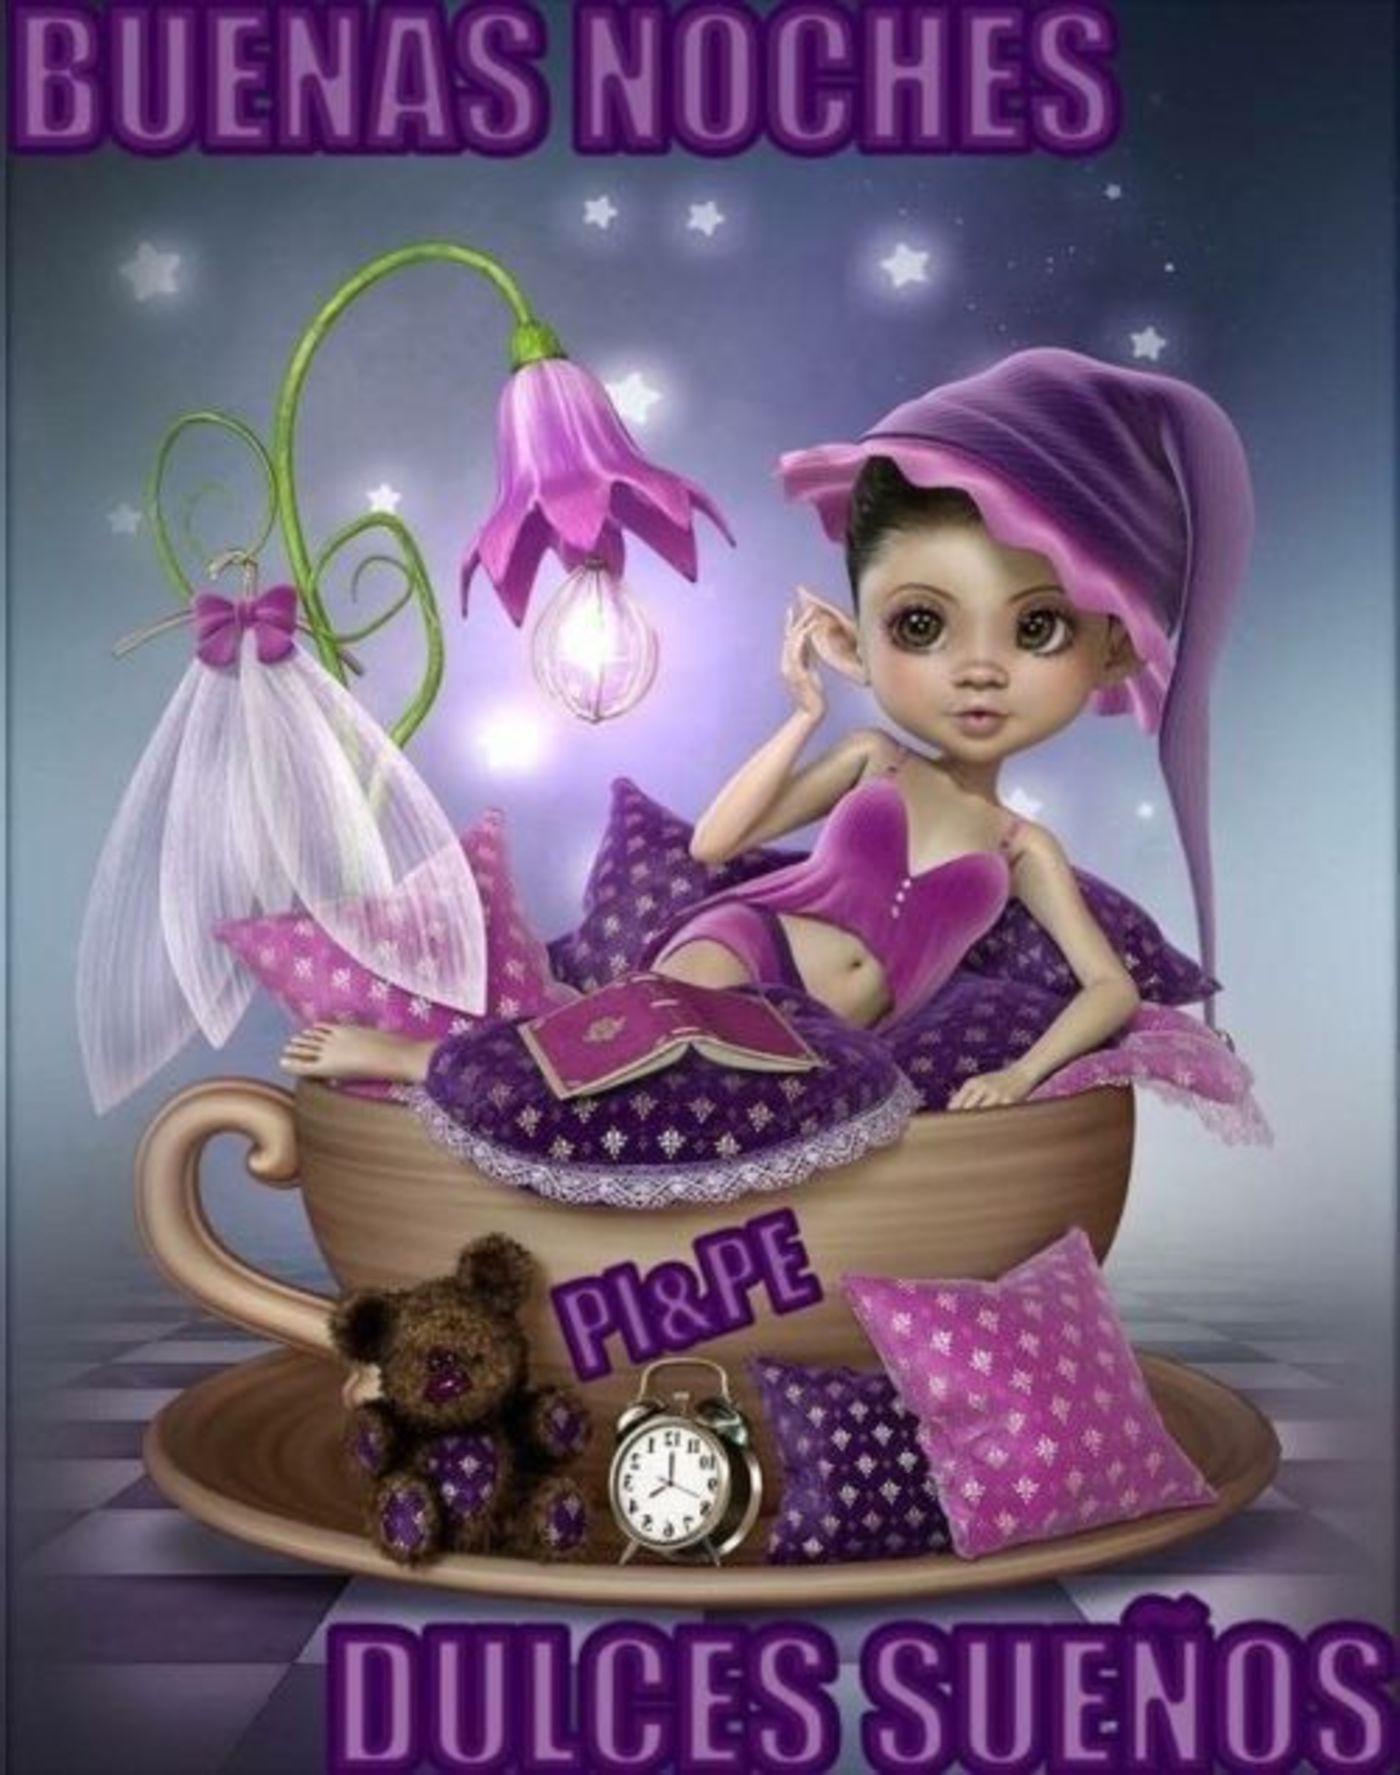 Buenas noches, dulces sueños